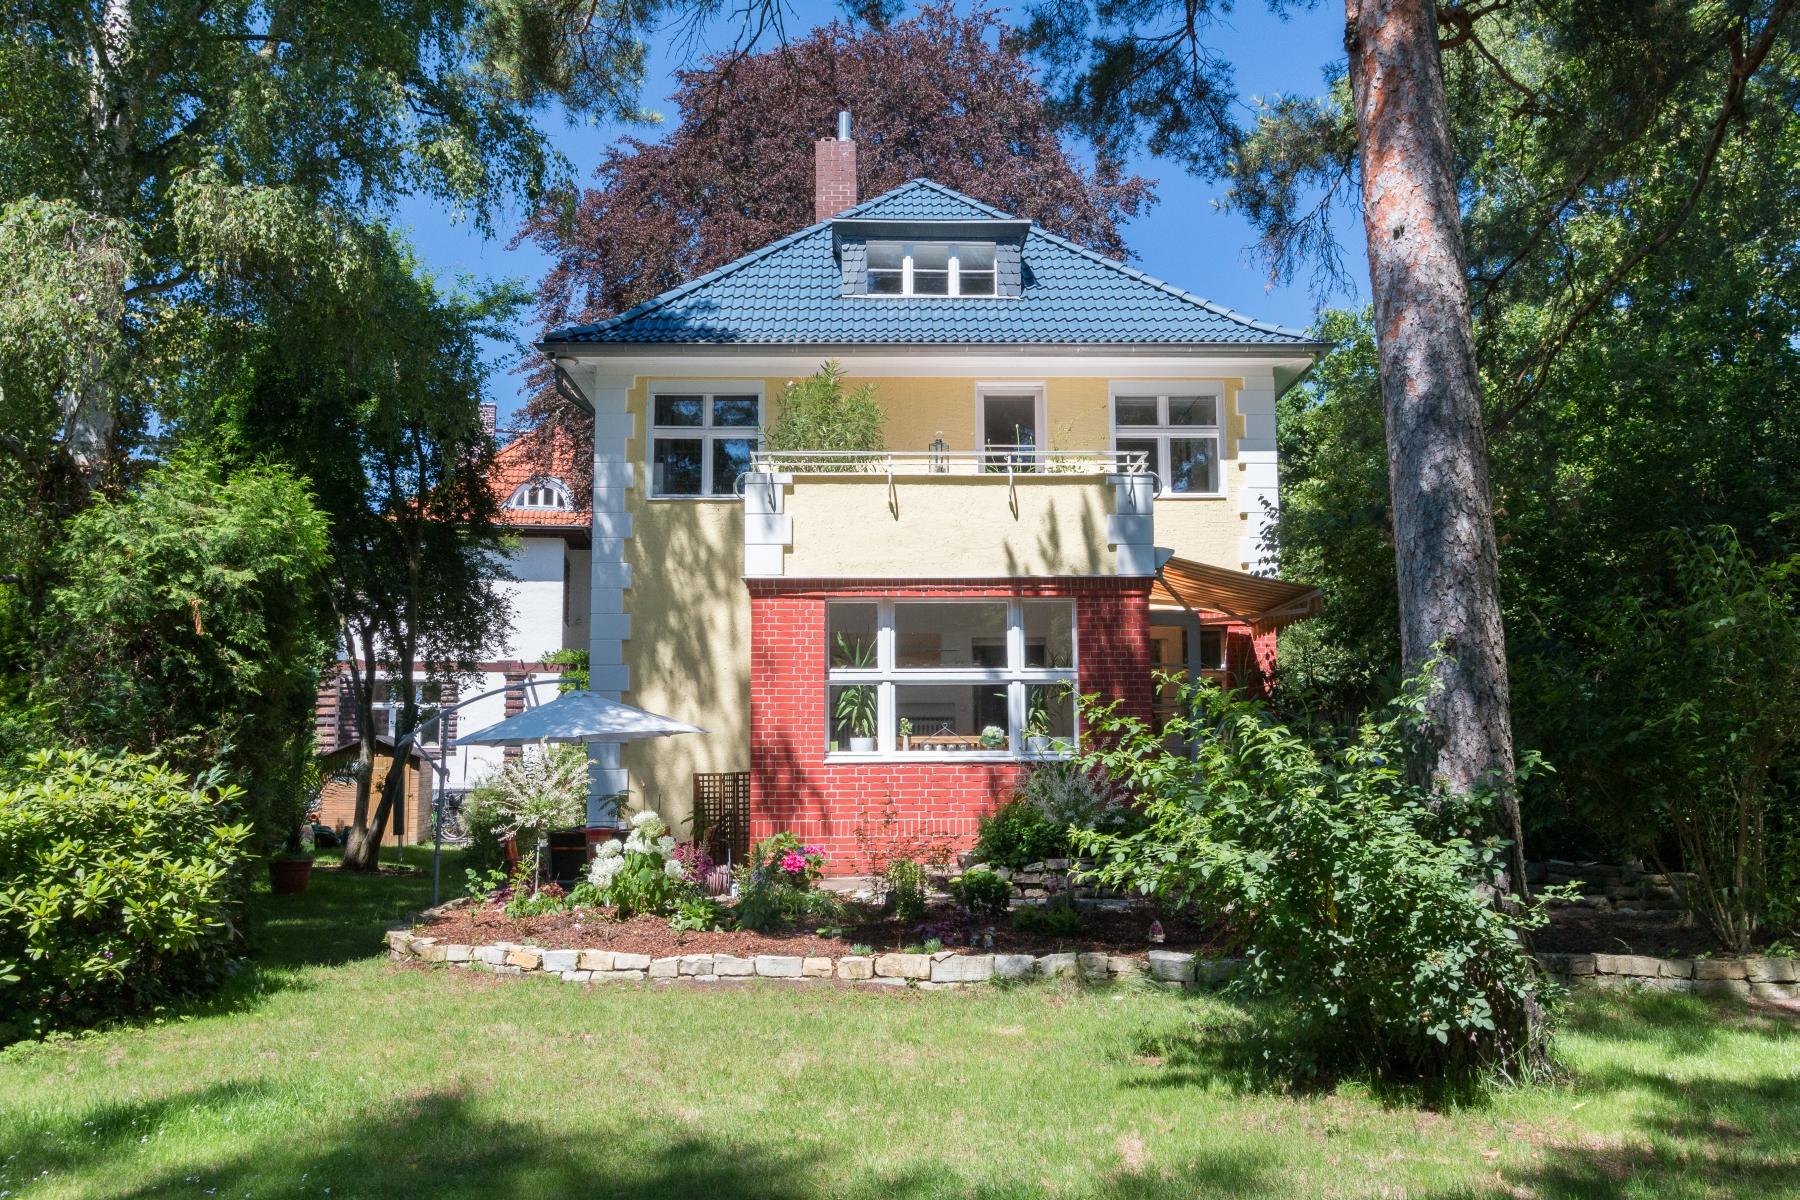 Maison unifamiliale pour l Vente à Magnificent Villa overlooking the Lake ! Berlin, Berlin, 13467 Allemagne